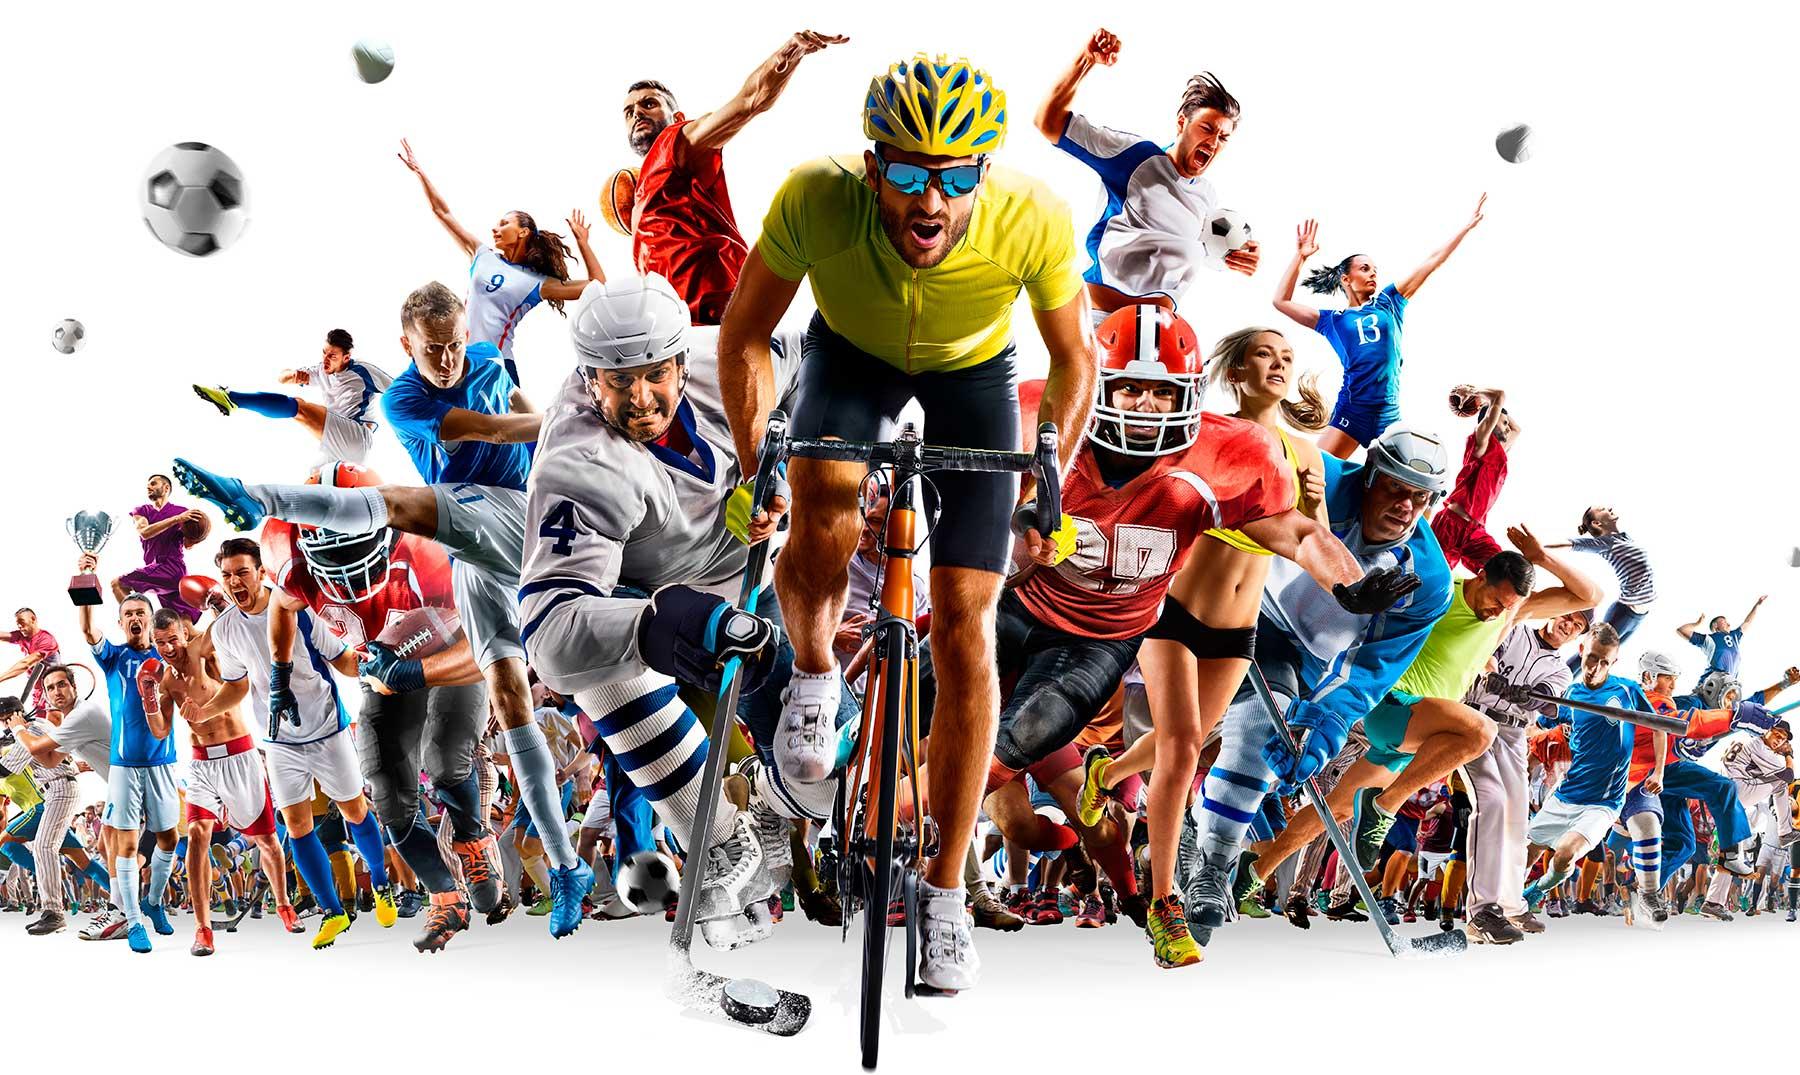 спортивные баннеры фото какую сторону отправились